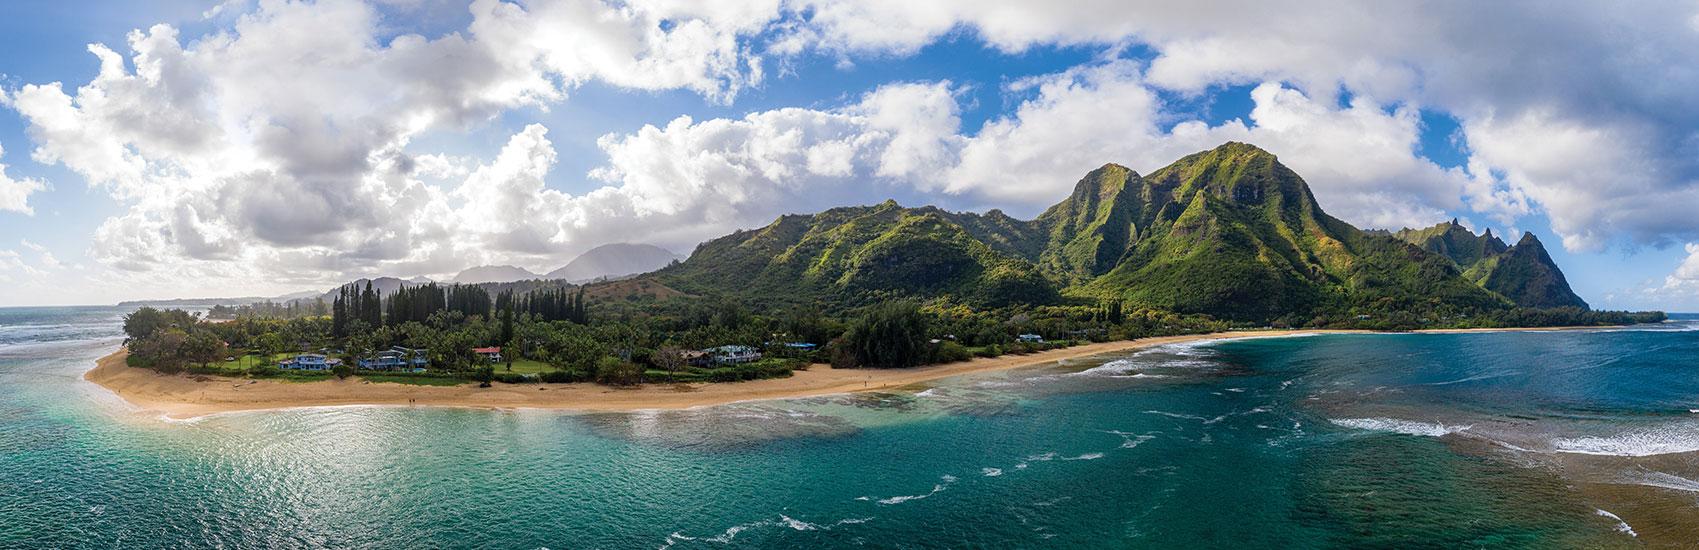 Hawaiian Family Retreat with Journese℠